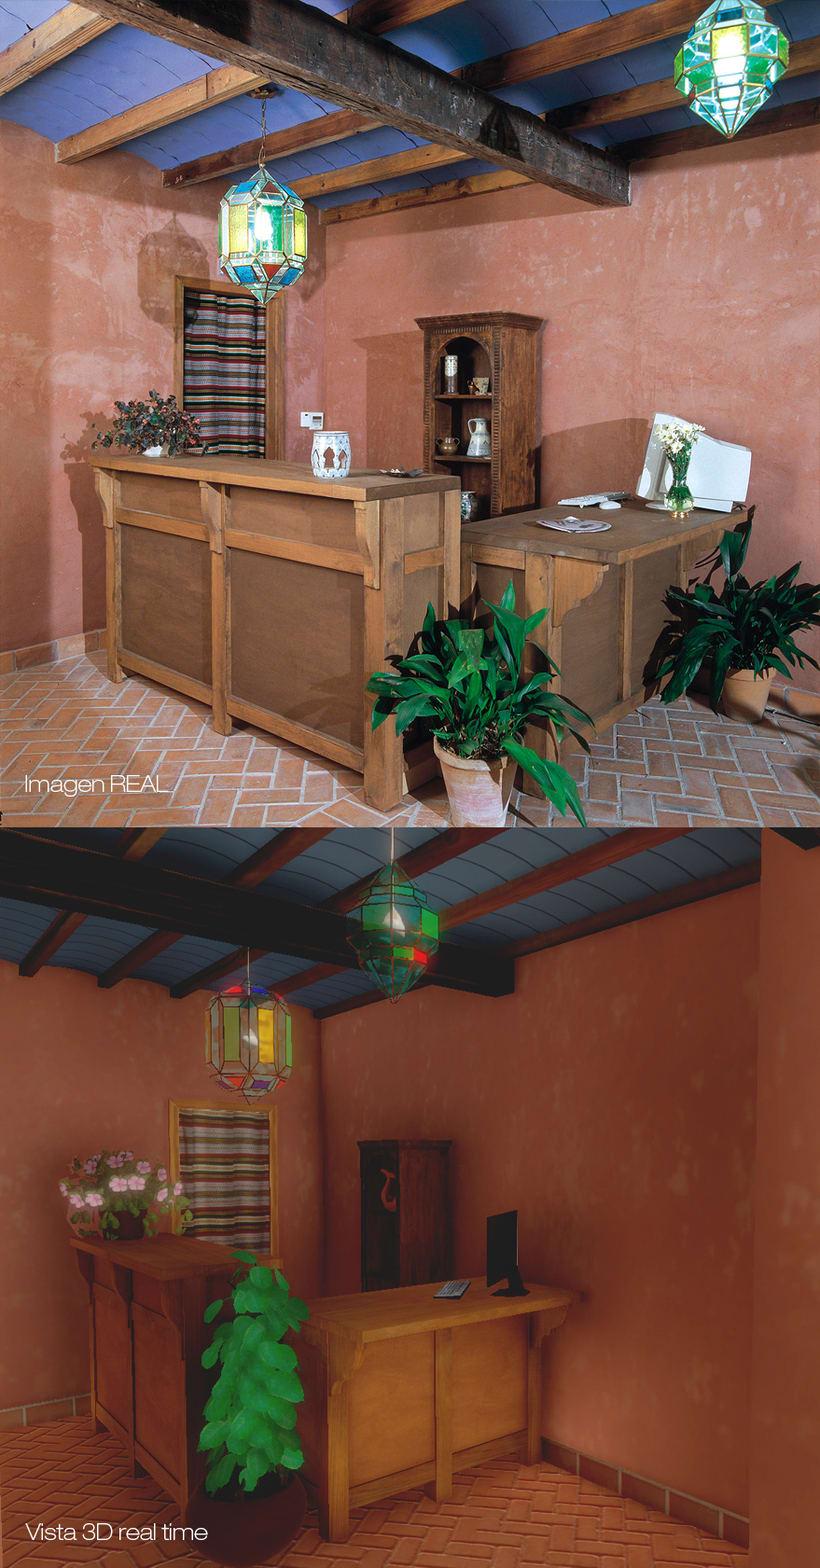 Aljibe San Miguel en 3D paseo en tiempo real 2